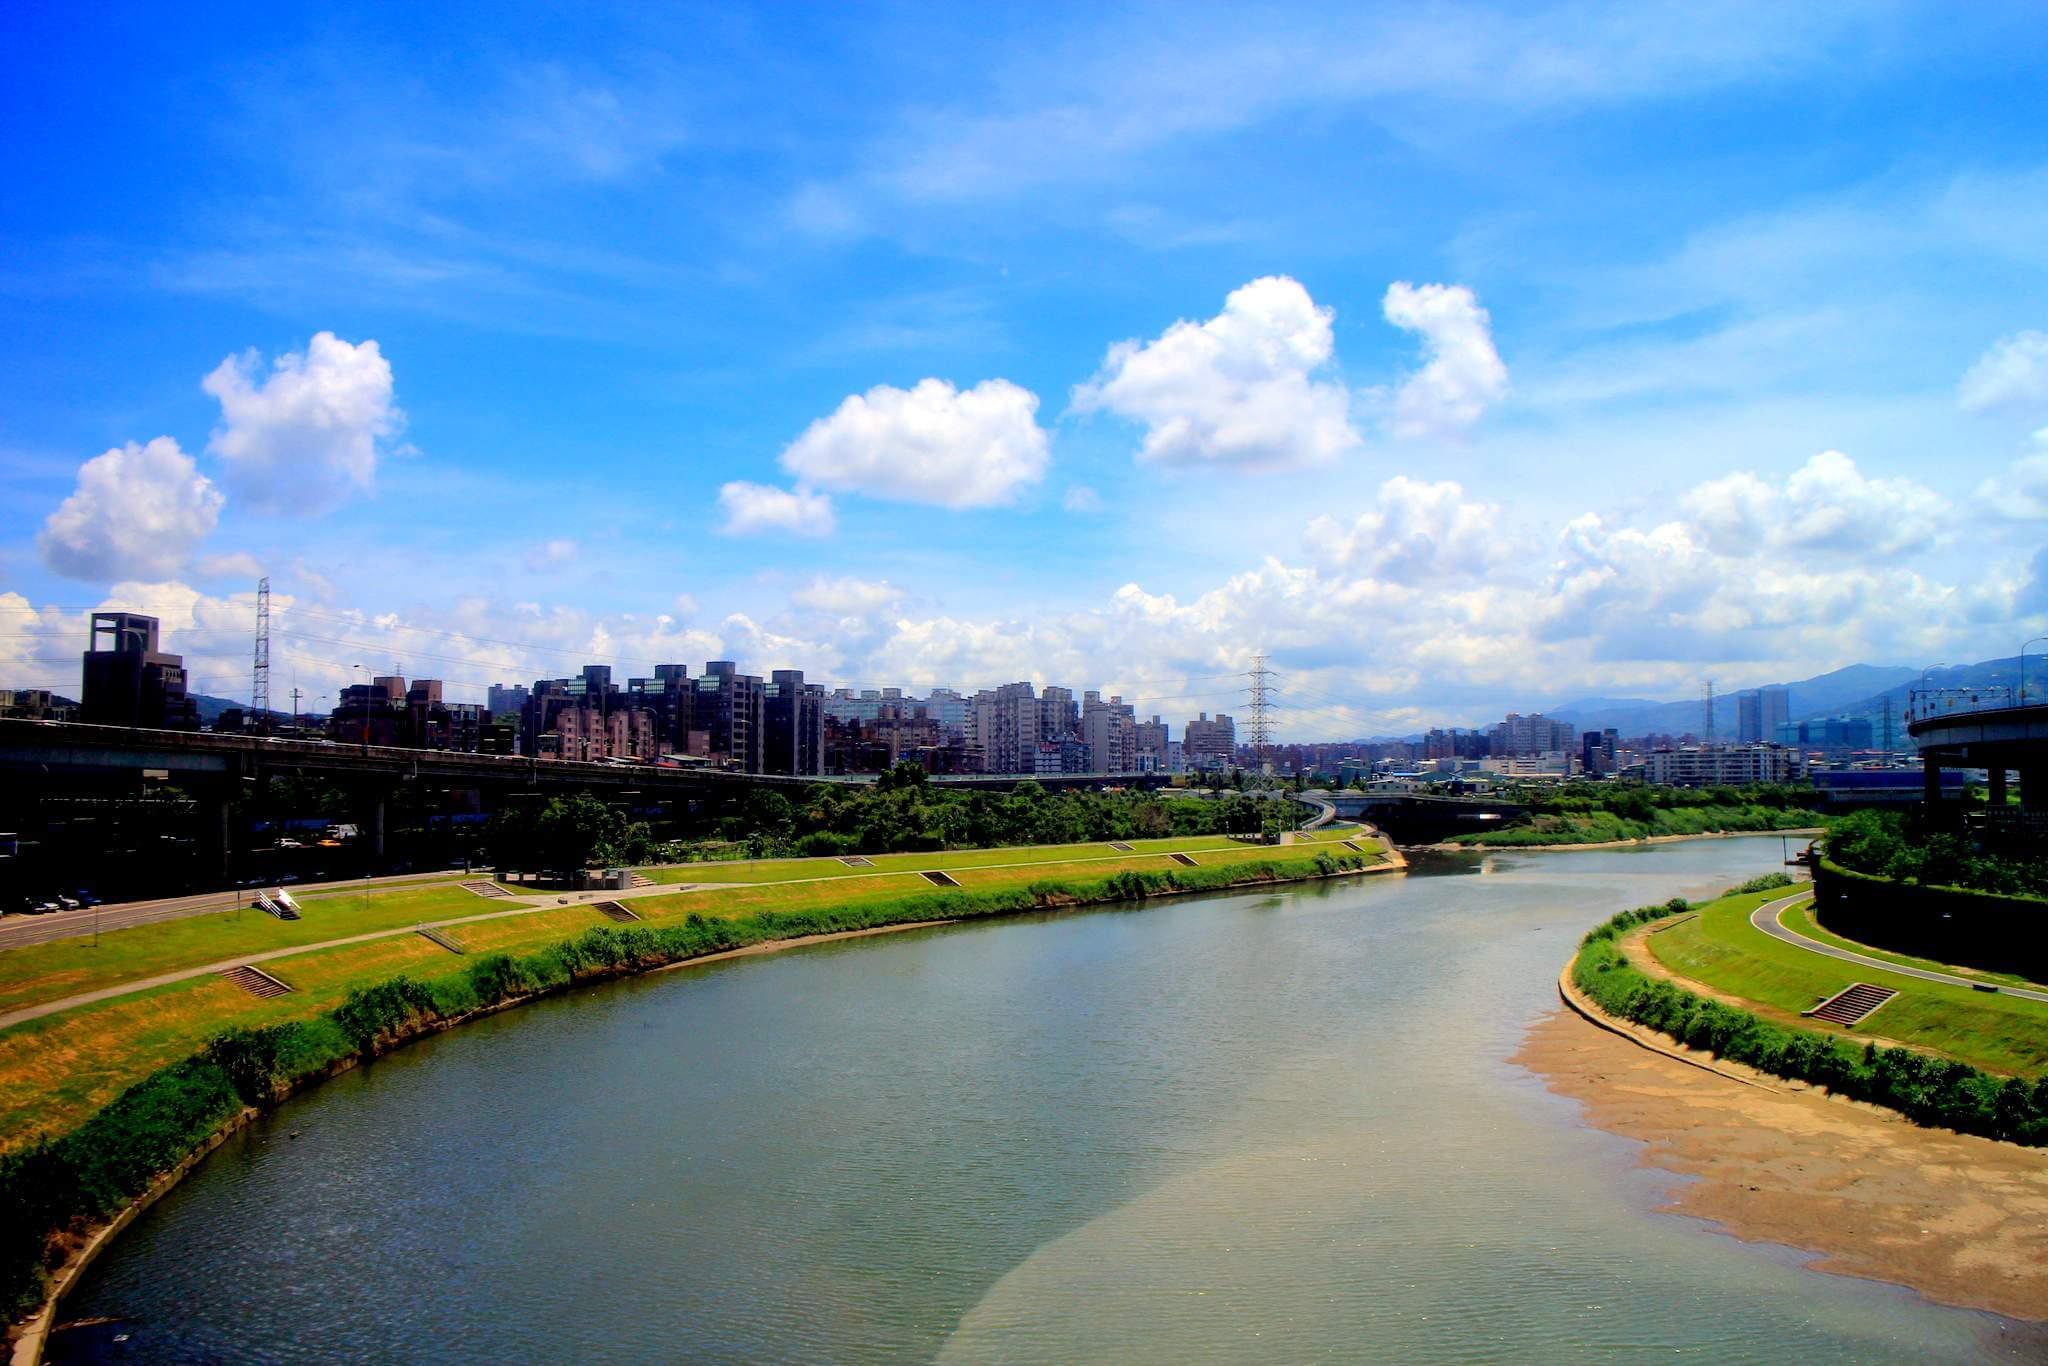 由台北捷運文湖線向東望基隆河與東湖、中山高速公路